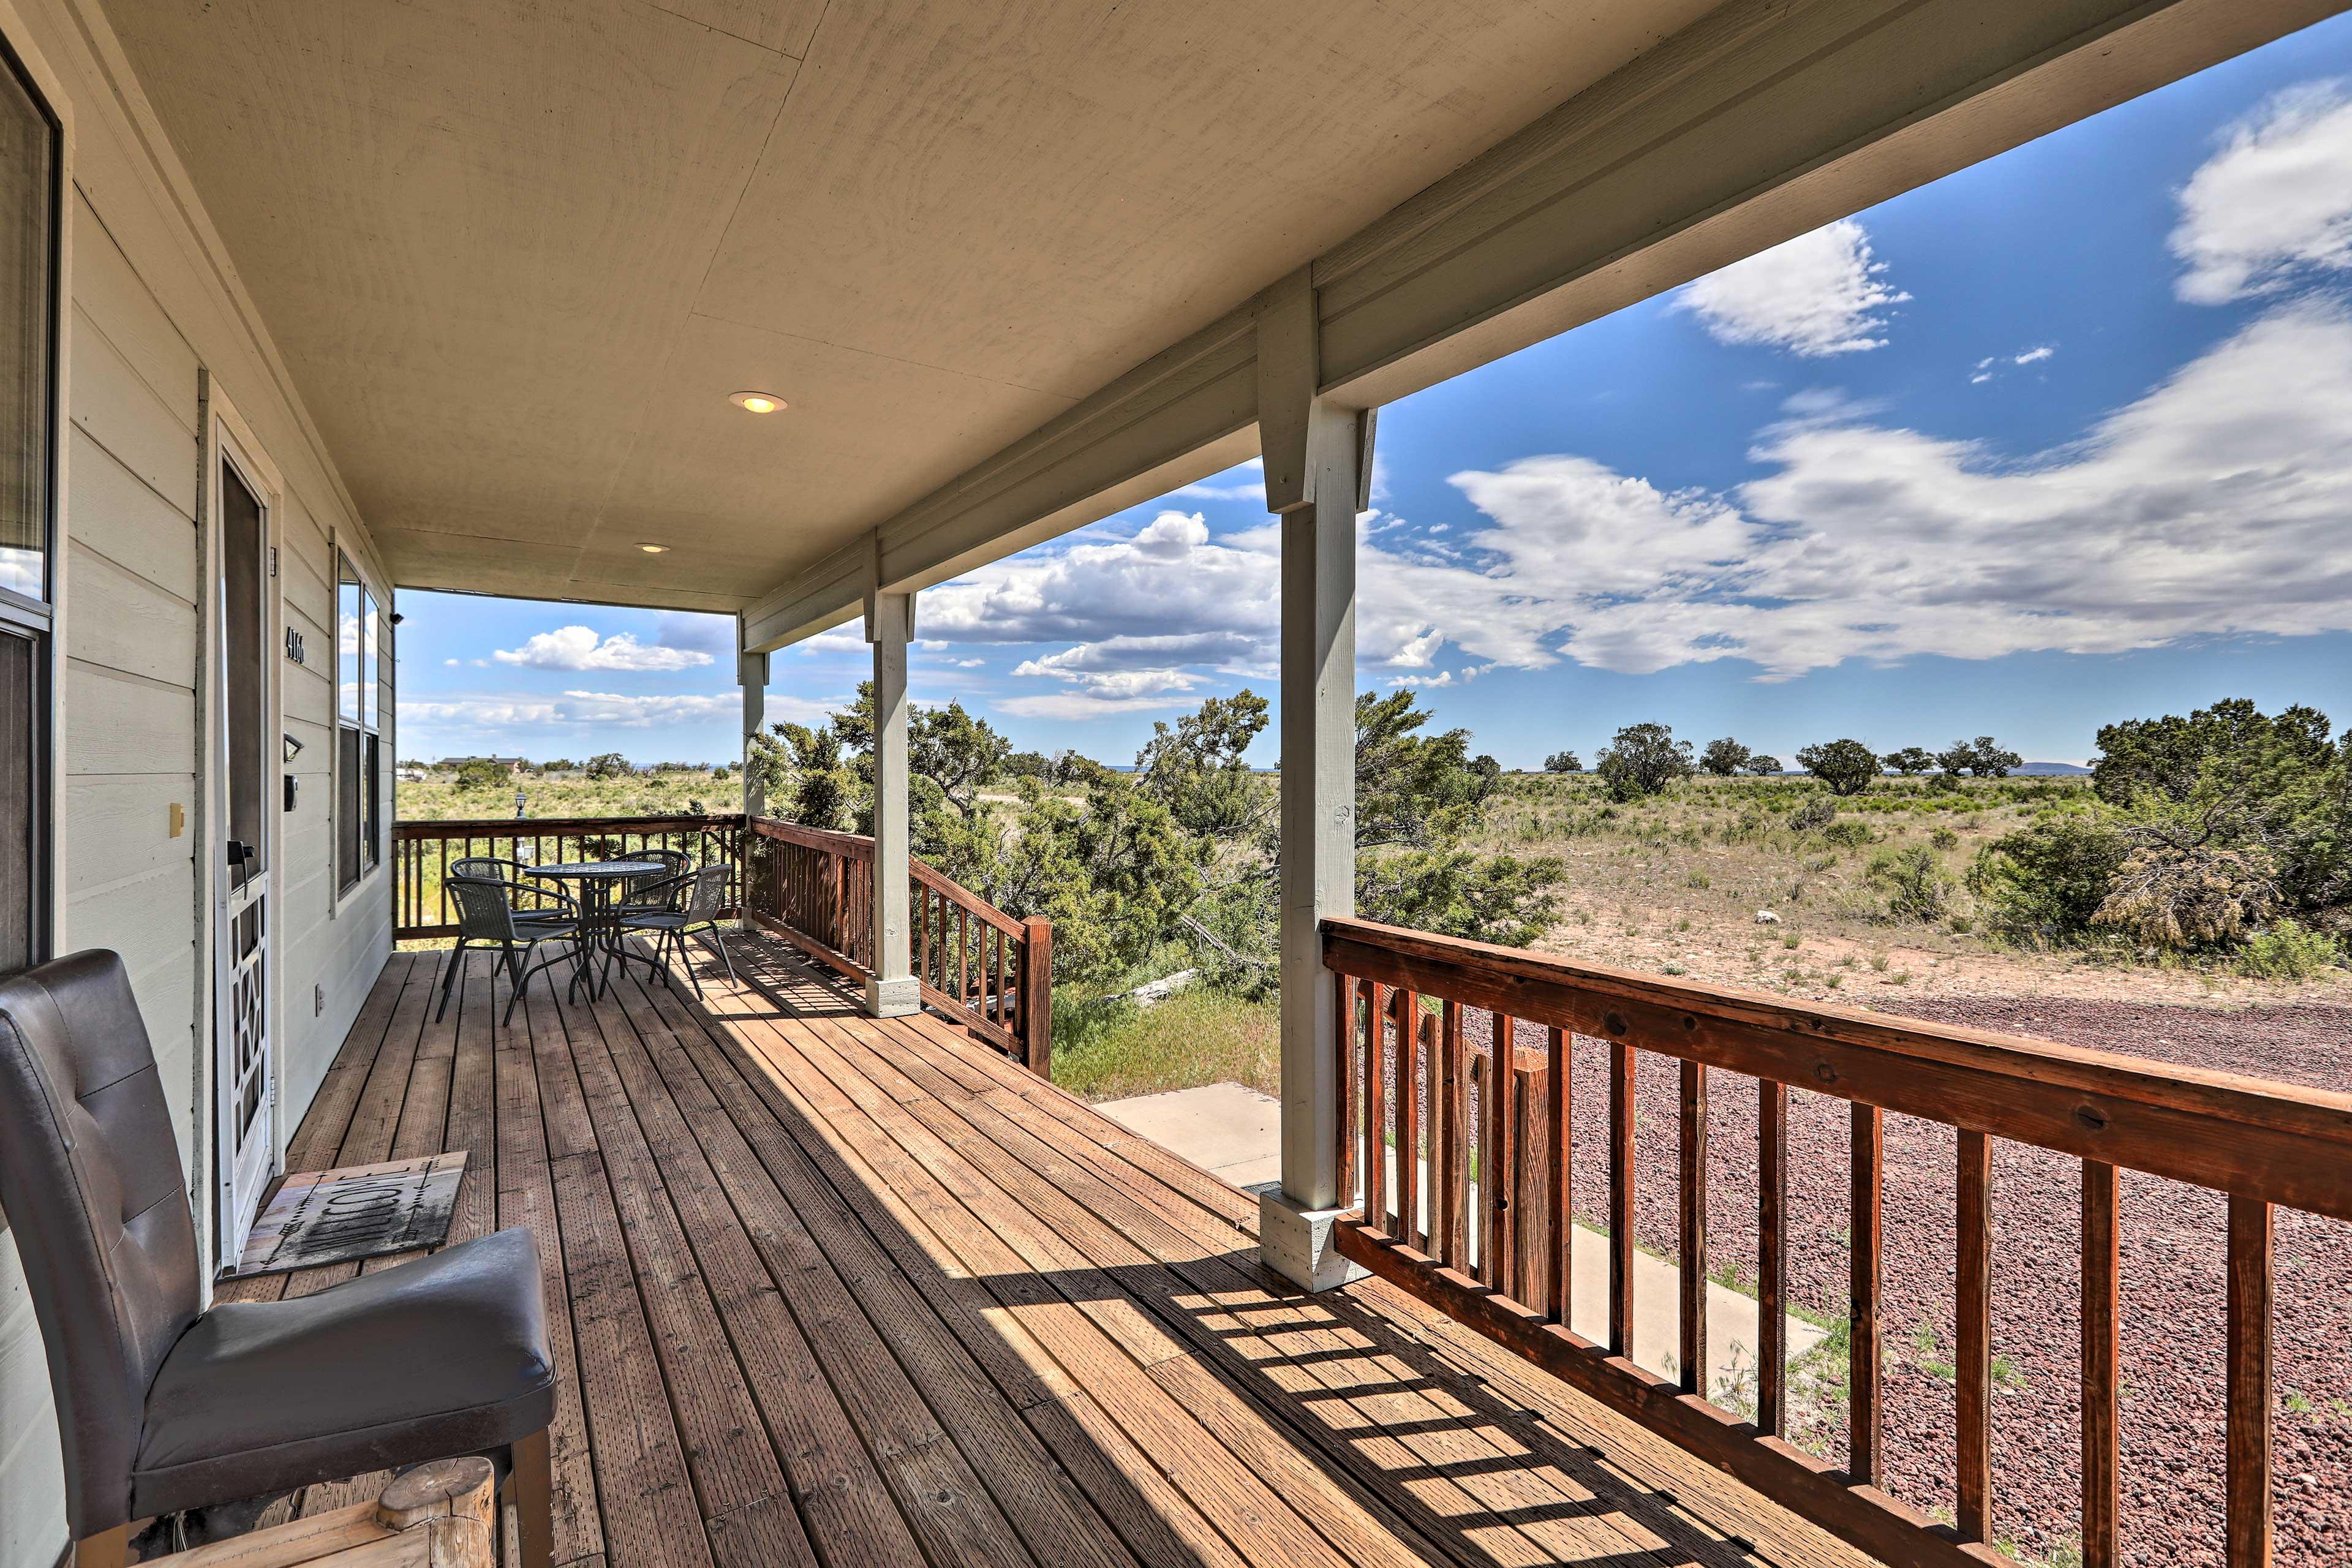 Deck | Landscape View